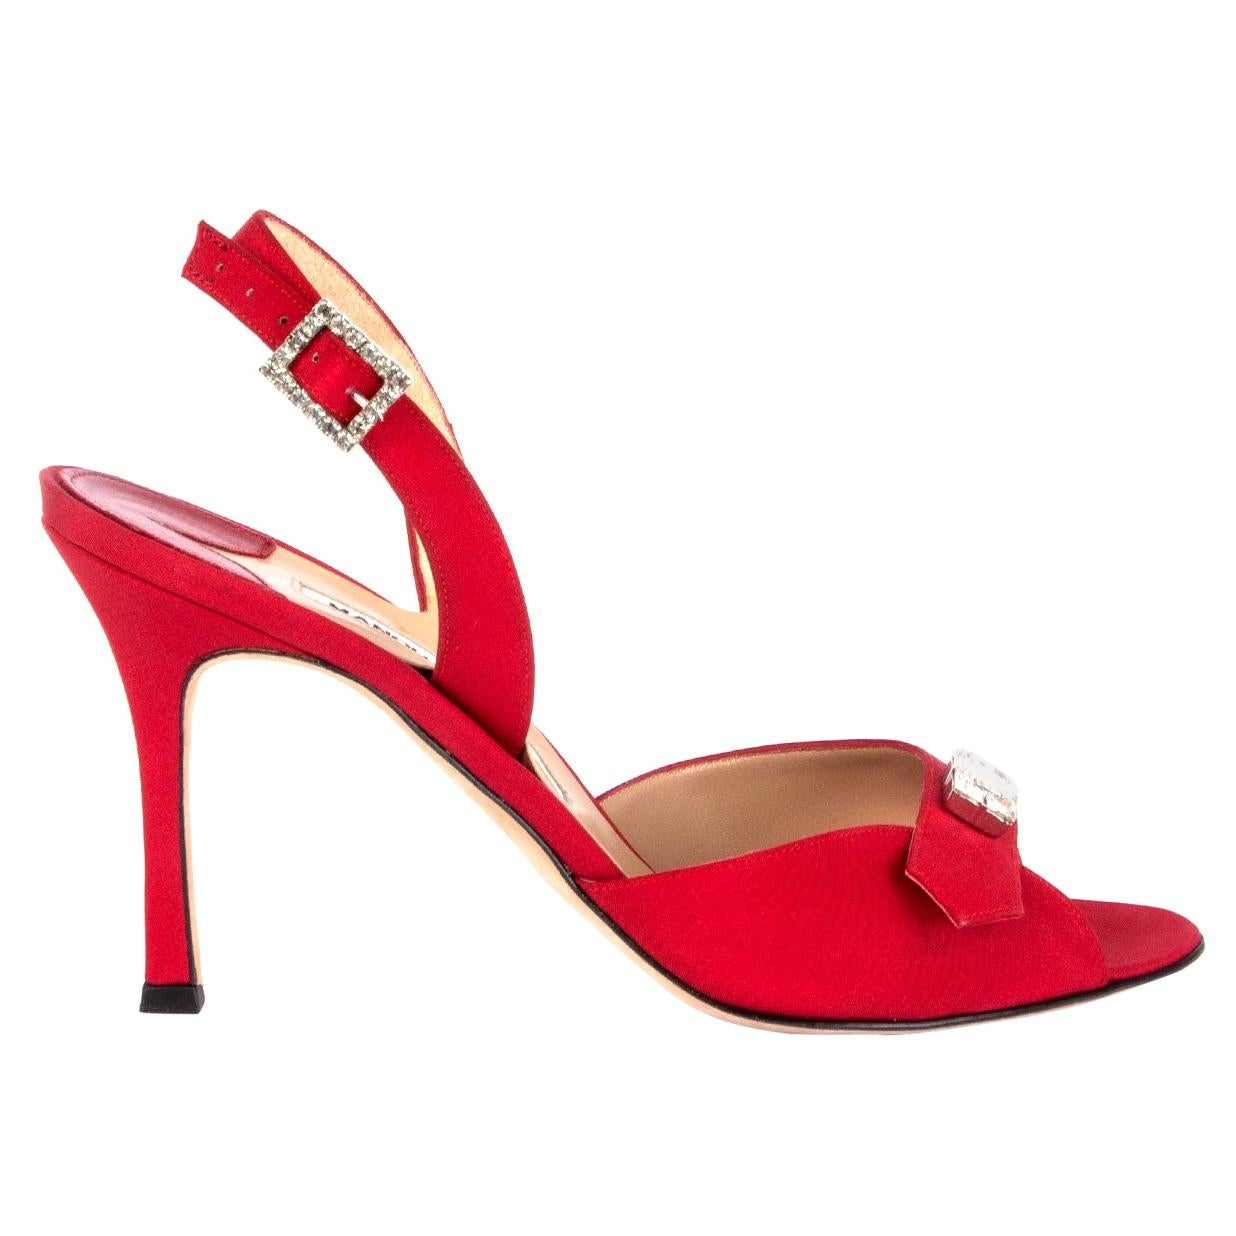 MANOLO BLAHNIK red silk CRYSTAL EMBELLISHED Sandals Shoes 38.5